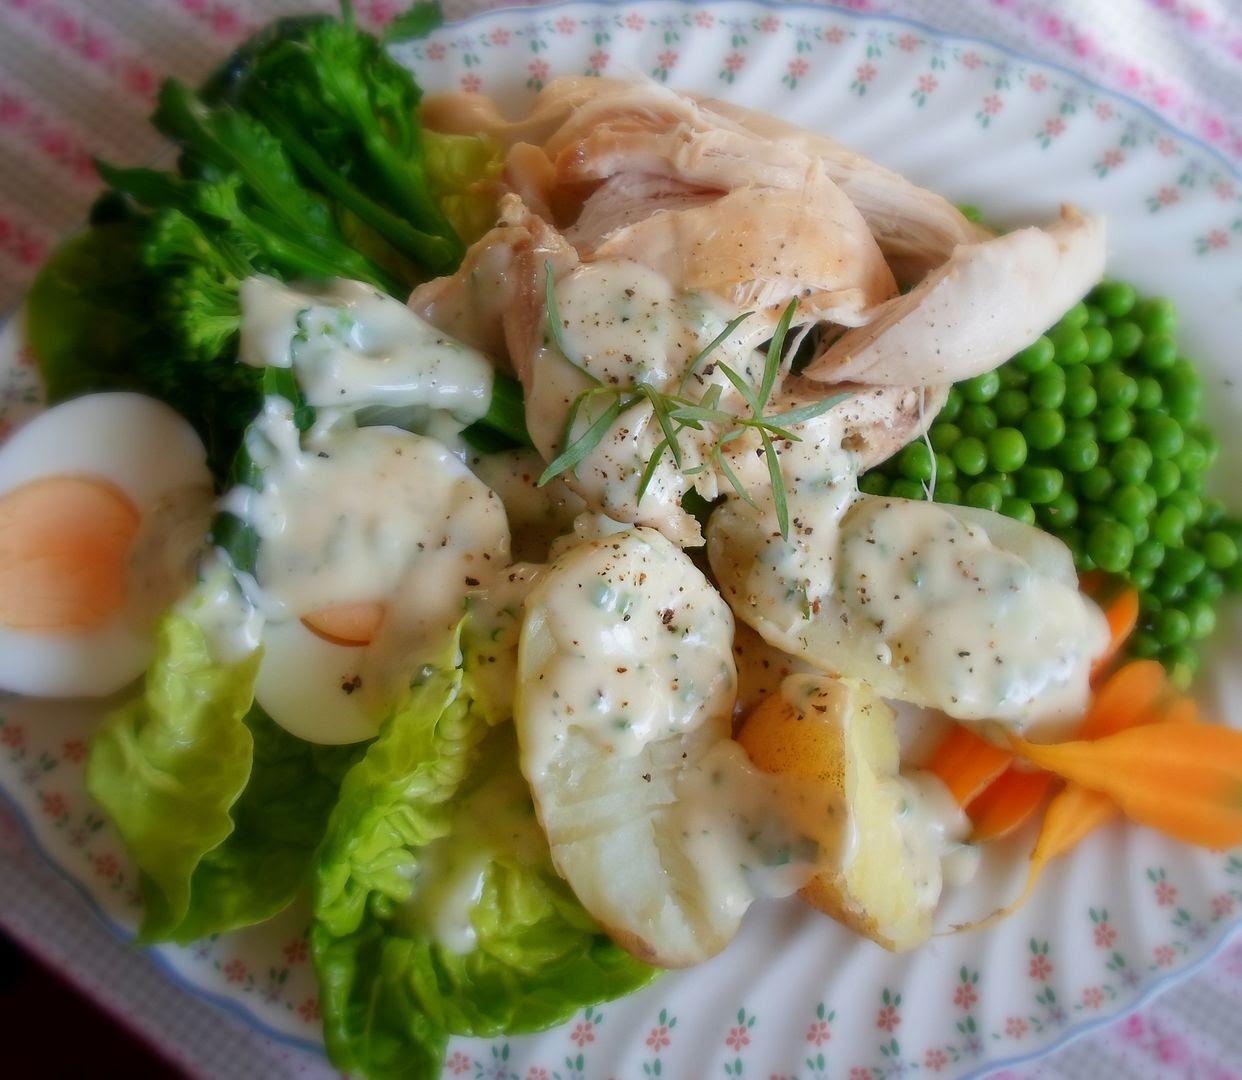 Tarragon, Chervil & Chive Dressed Salad